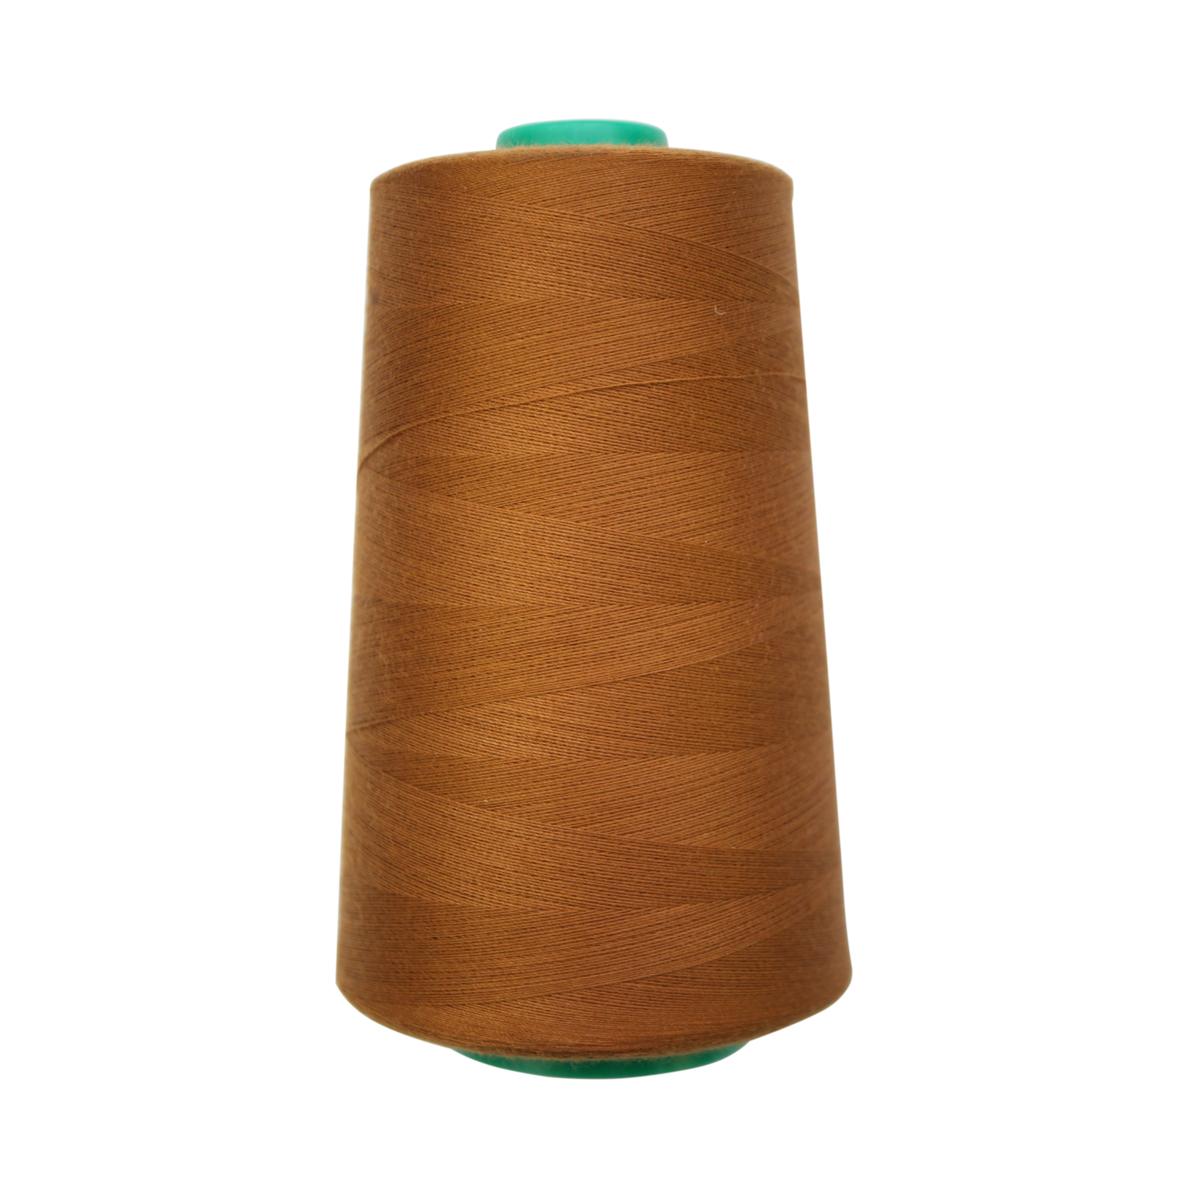 Нитки для шитья Bestex 50/2, 5000 ярд, цвет: оливково-коричневый (220)7700936-220Сфера использования: трикотаж; ткани малого веса; оверлочные швы; отделка краев; вышивка. Размер игл №70-80